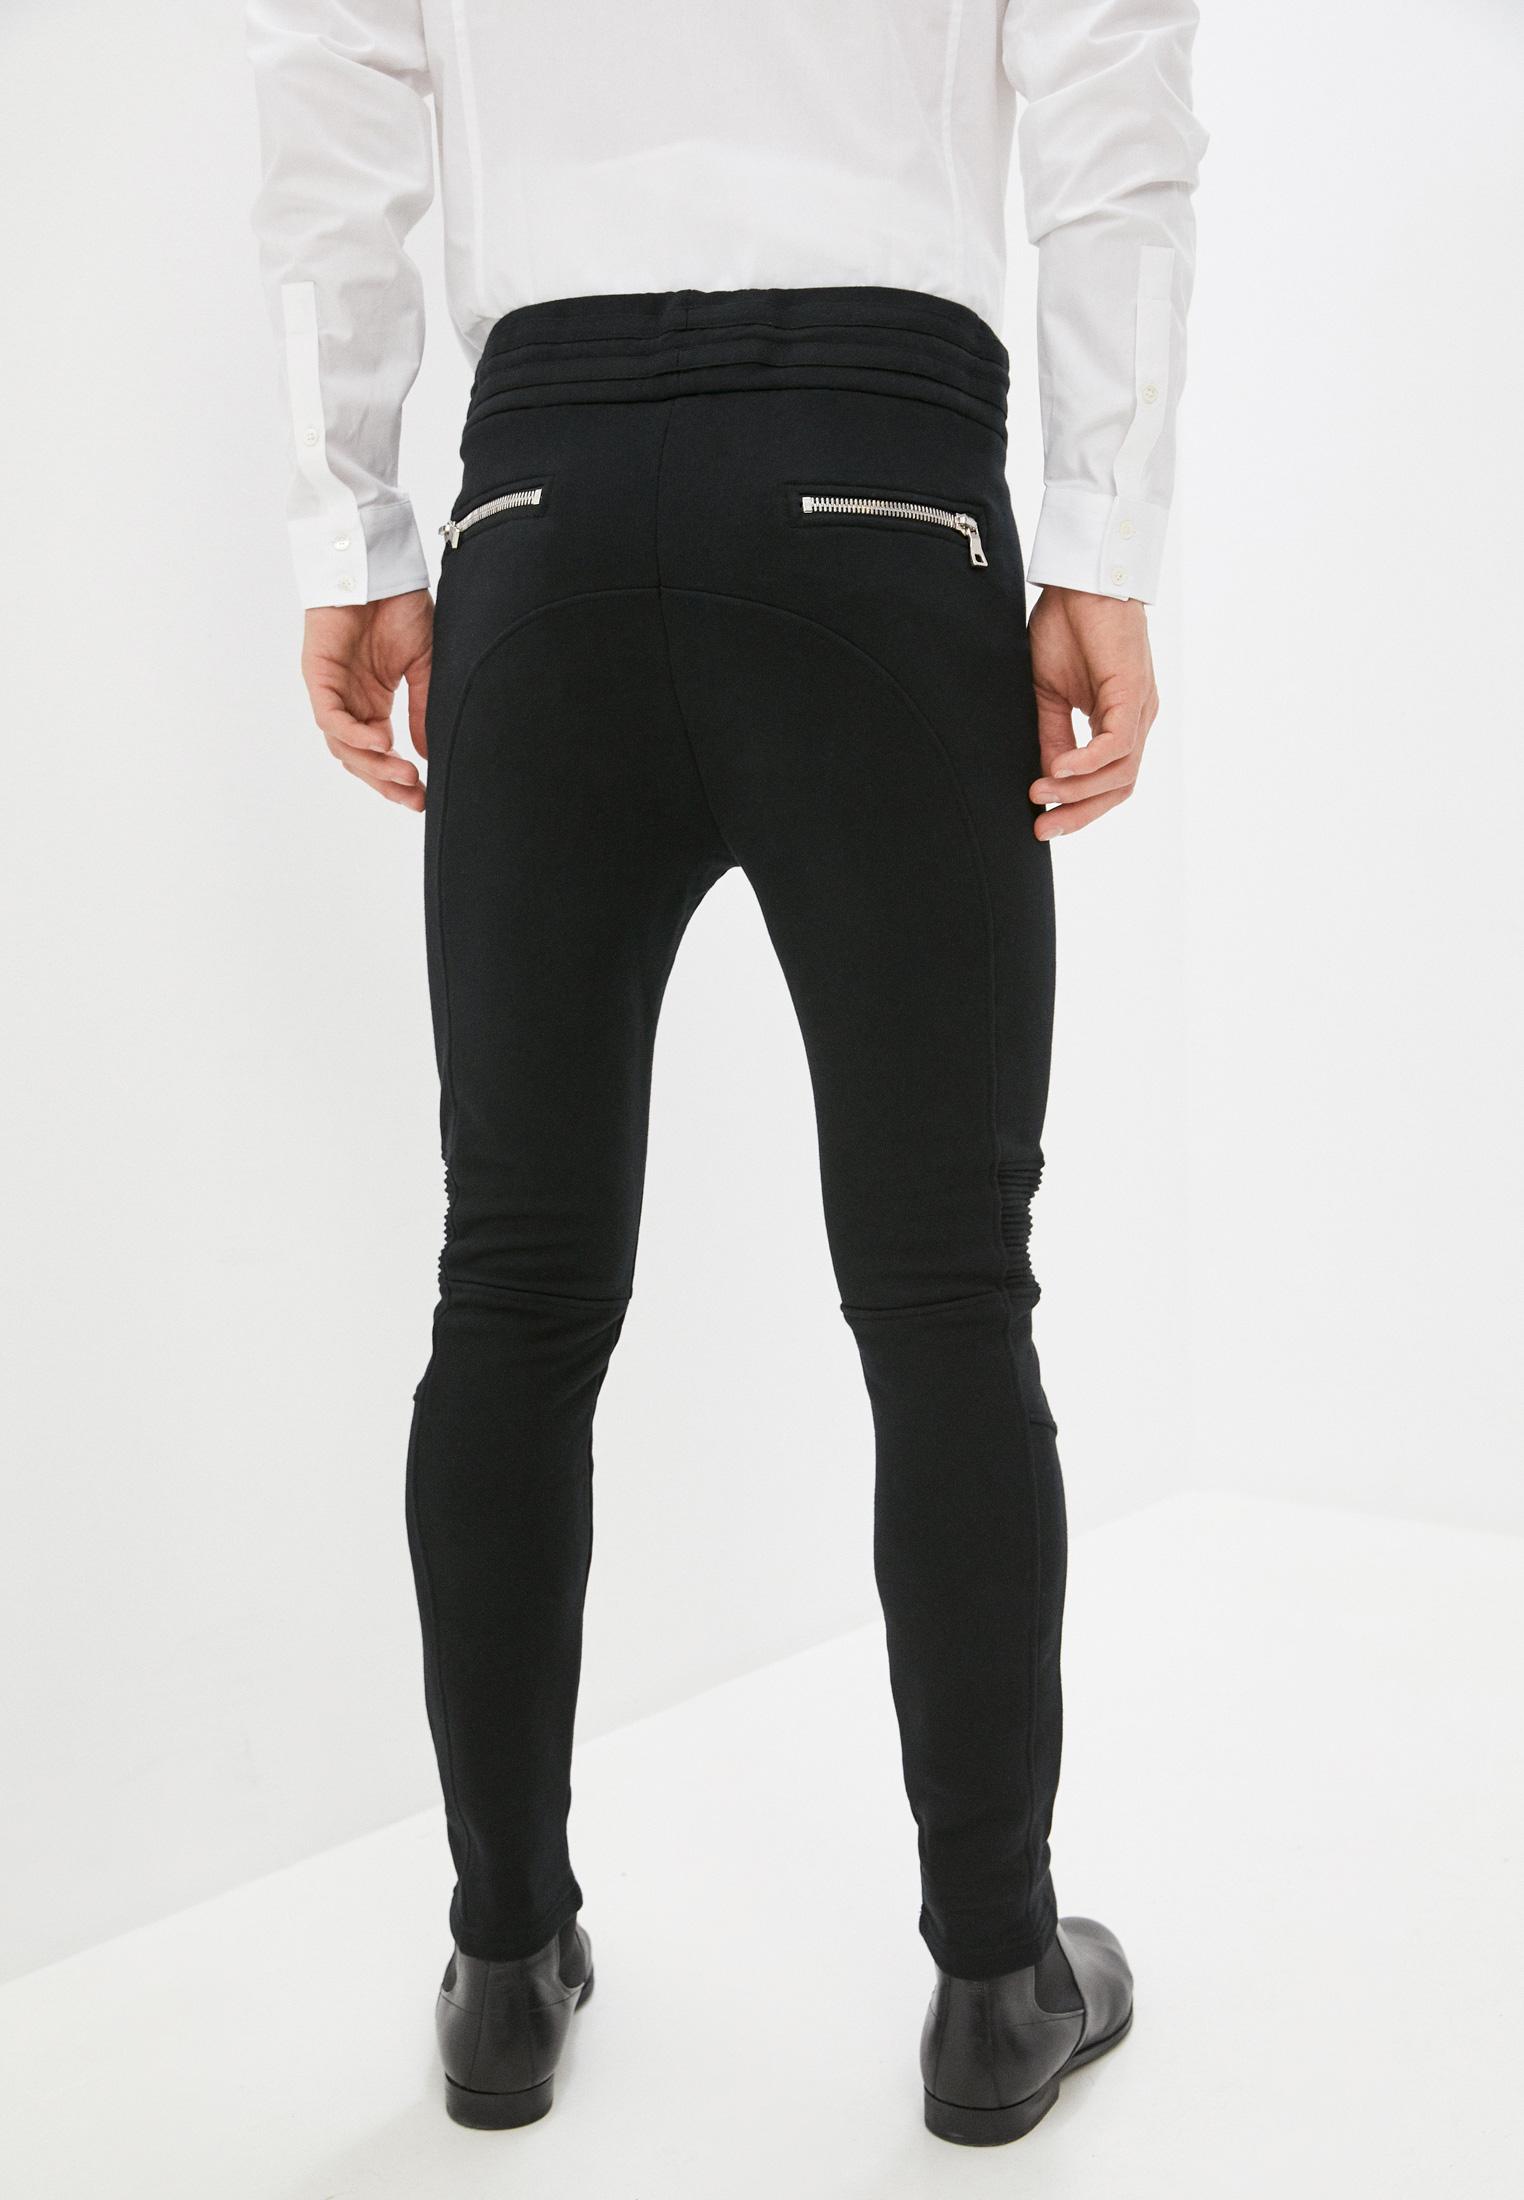 Мужские повседневные брюки Balmain (Балмаин) W8H5573J928: изображение 4